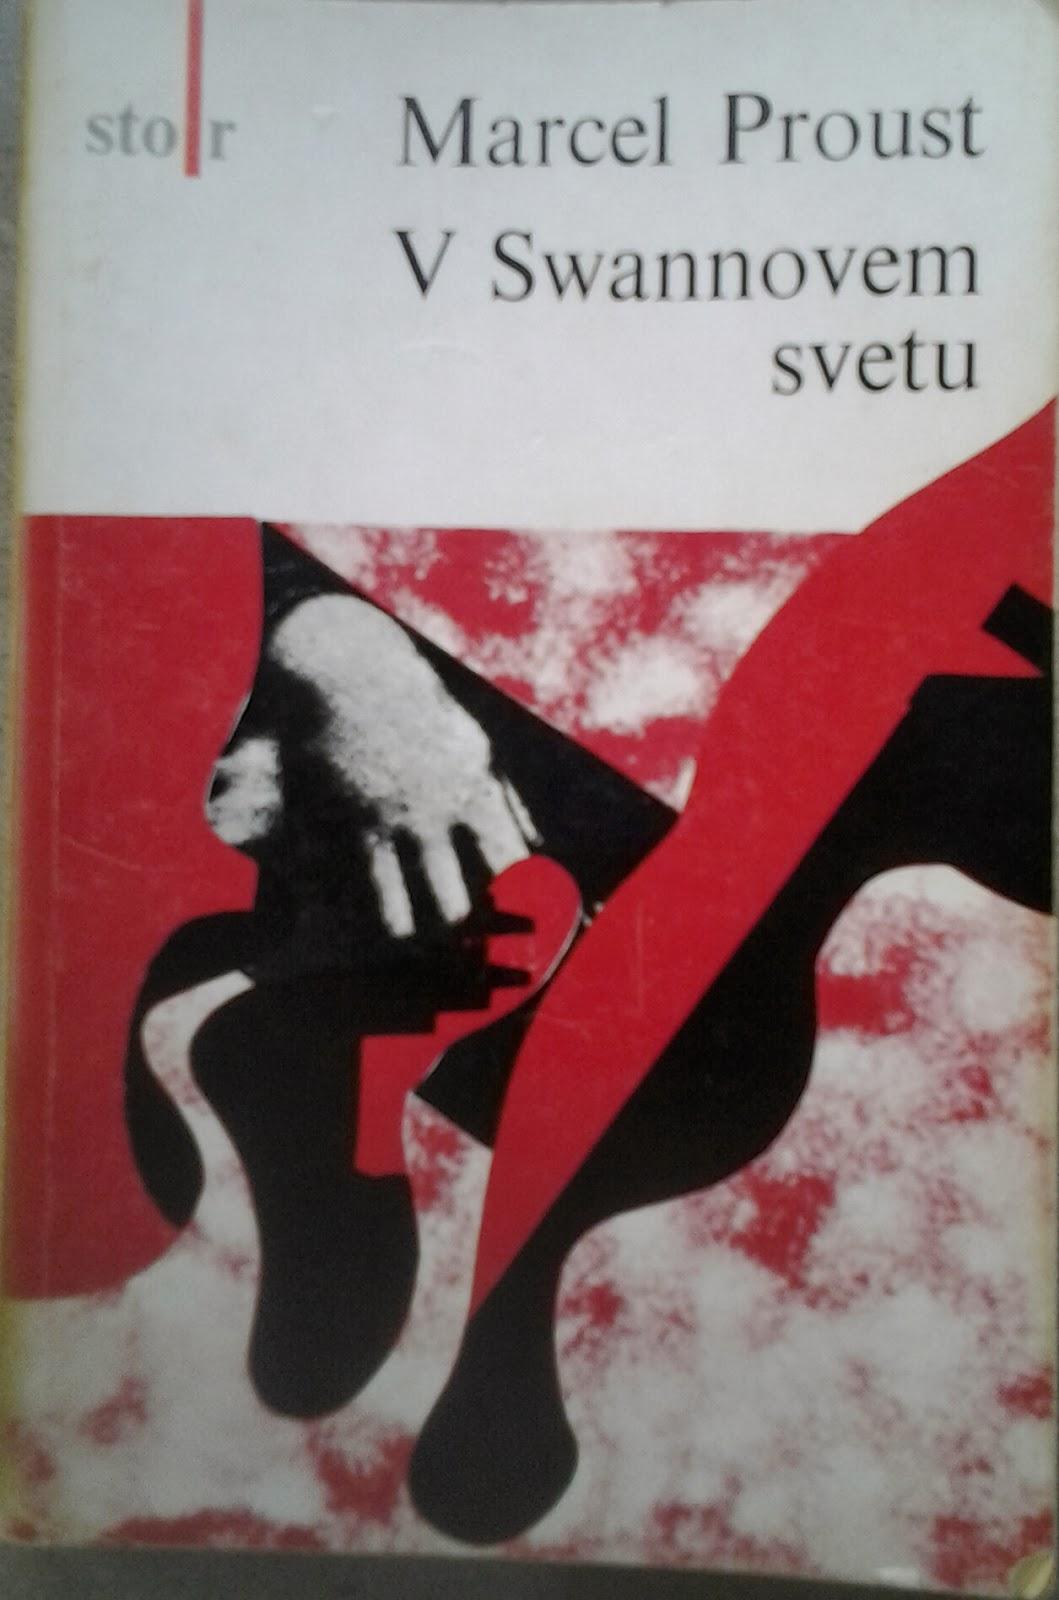 Proust V Swannovem sve...